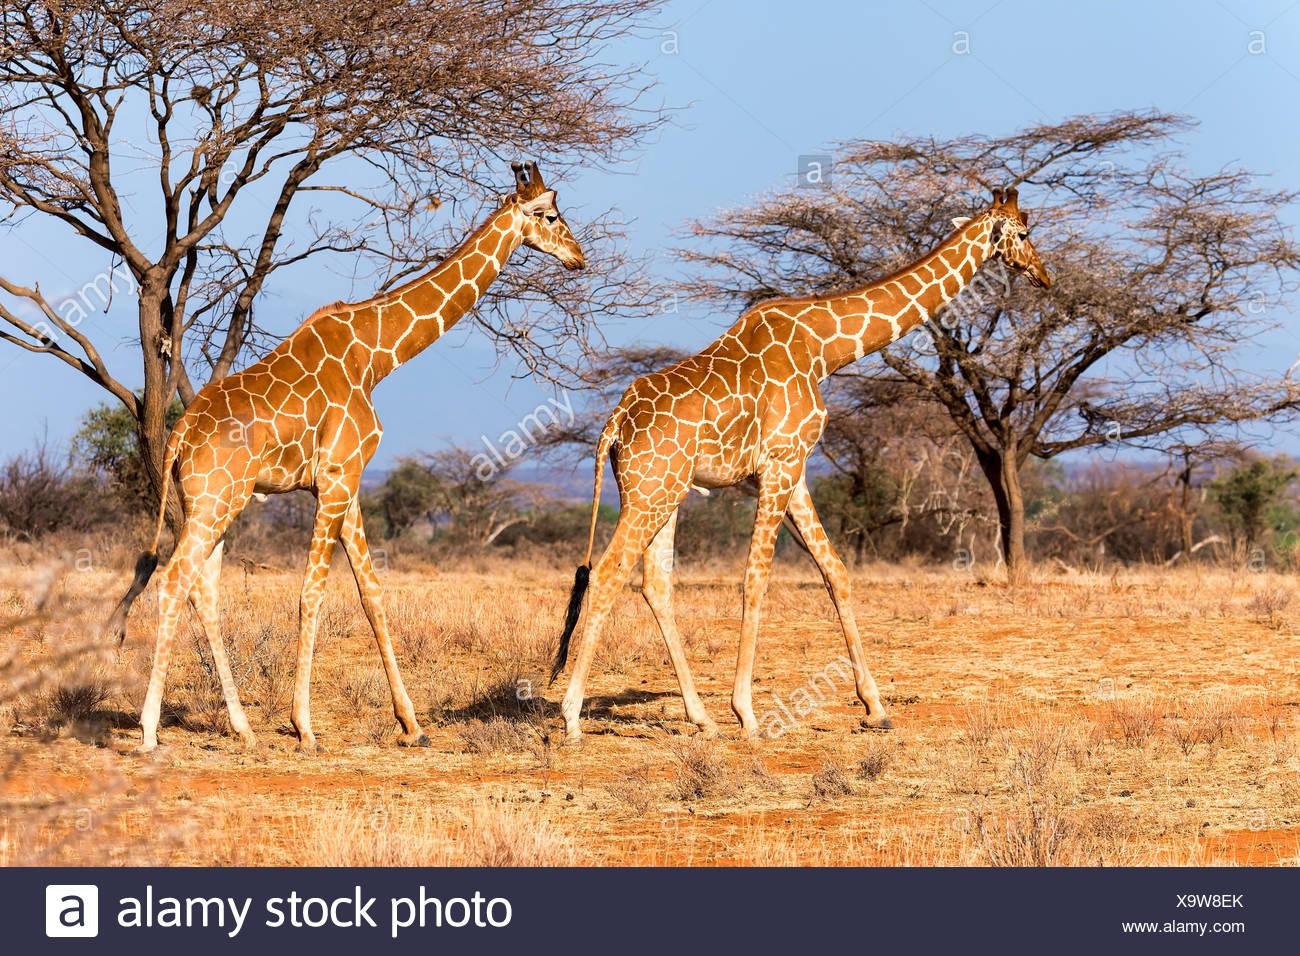 Le giraffe reticolate o giraffe somala (Giraffa camelopardalis reticulata) oltrepassando acacia (acacia sp.) gli alberi Immagini Stock